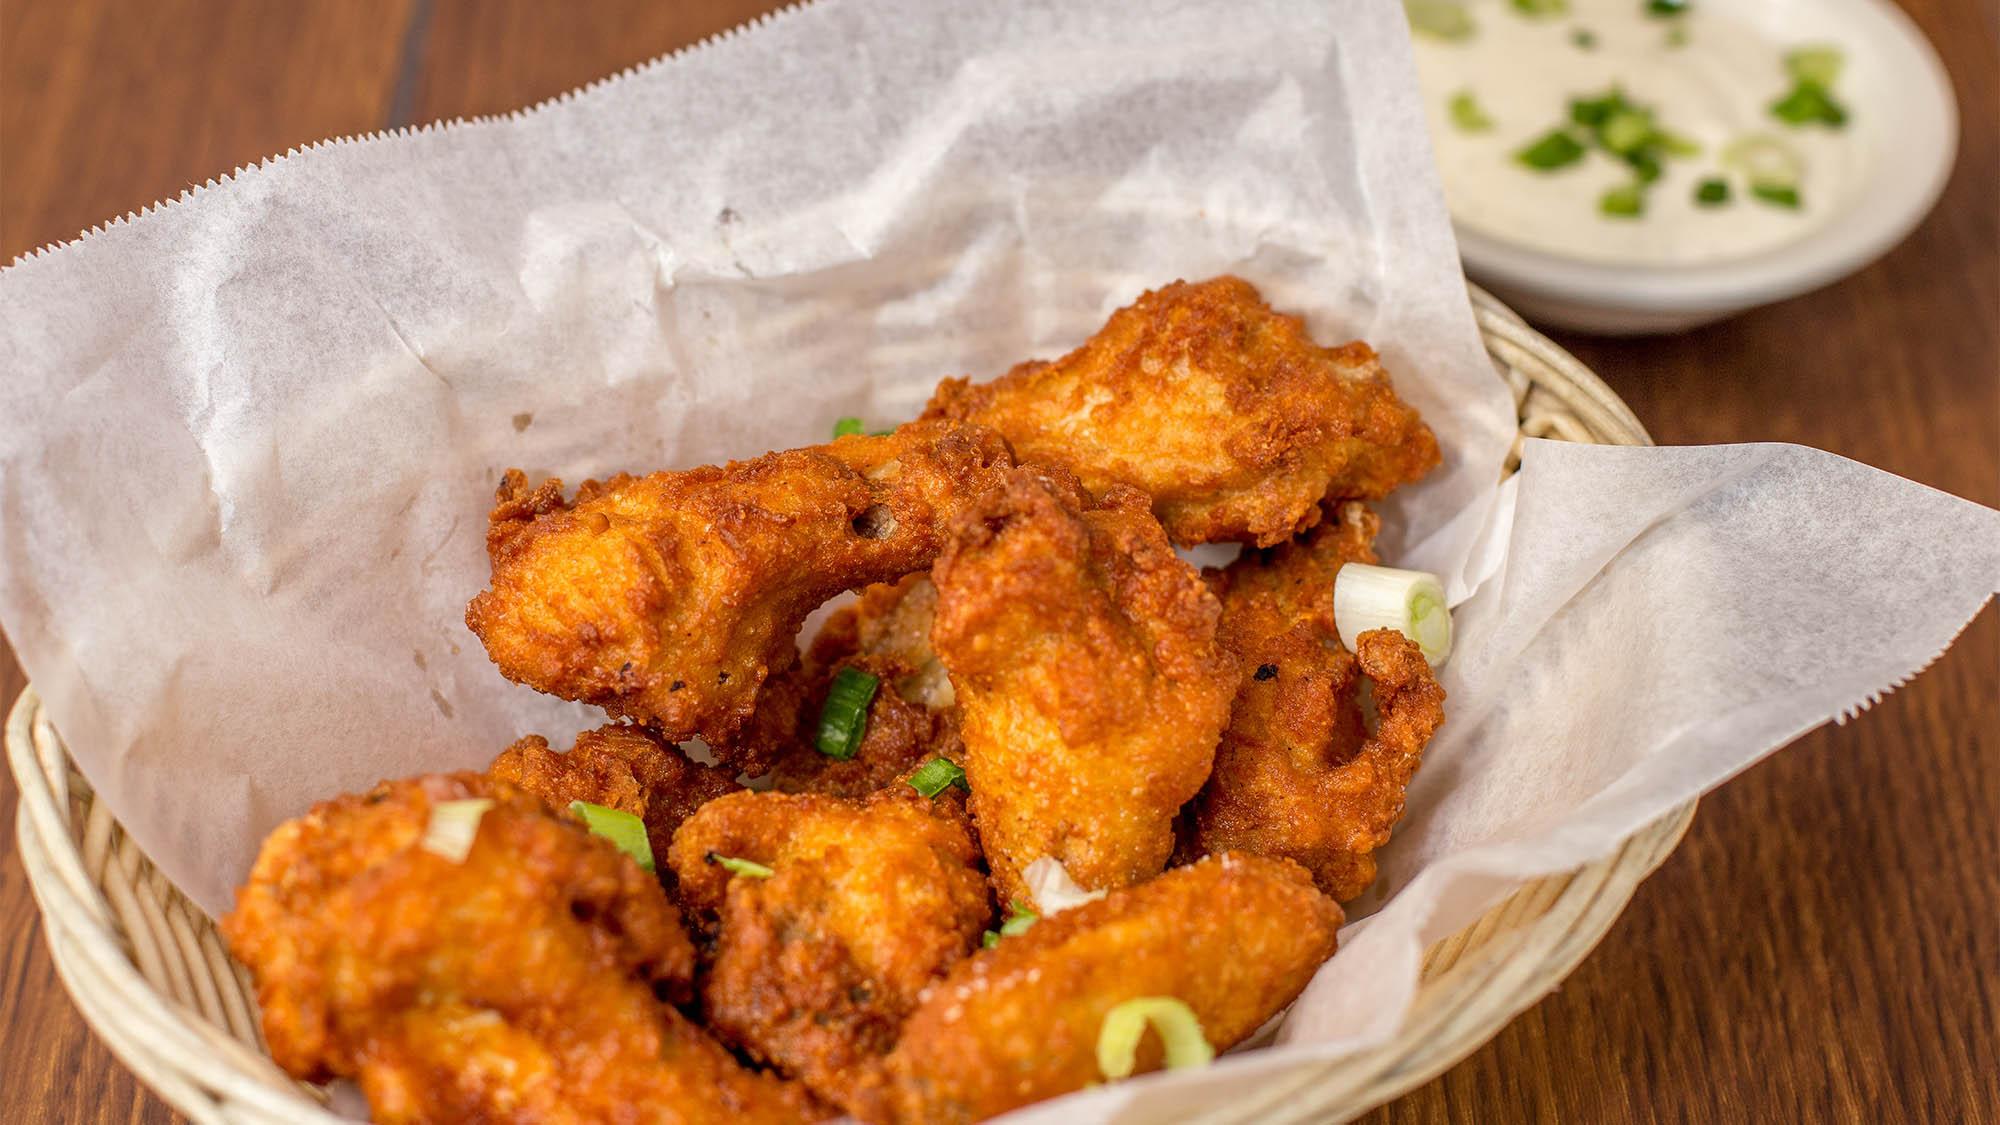 Chicken Wings in Basket